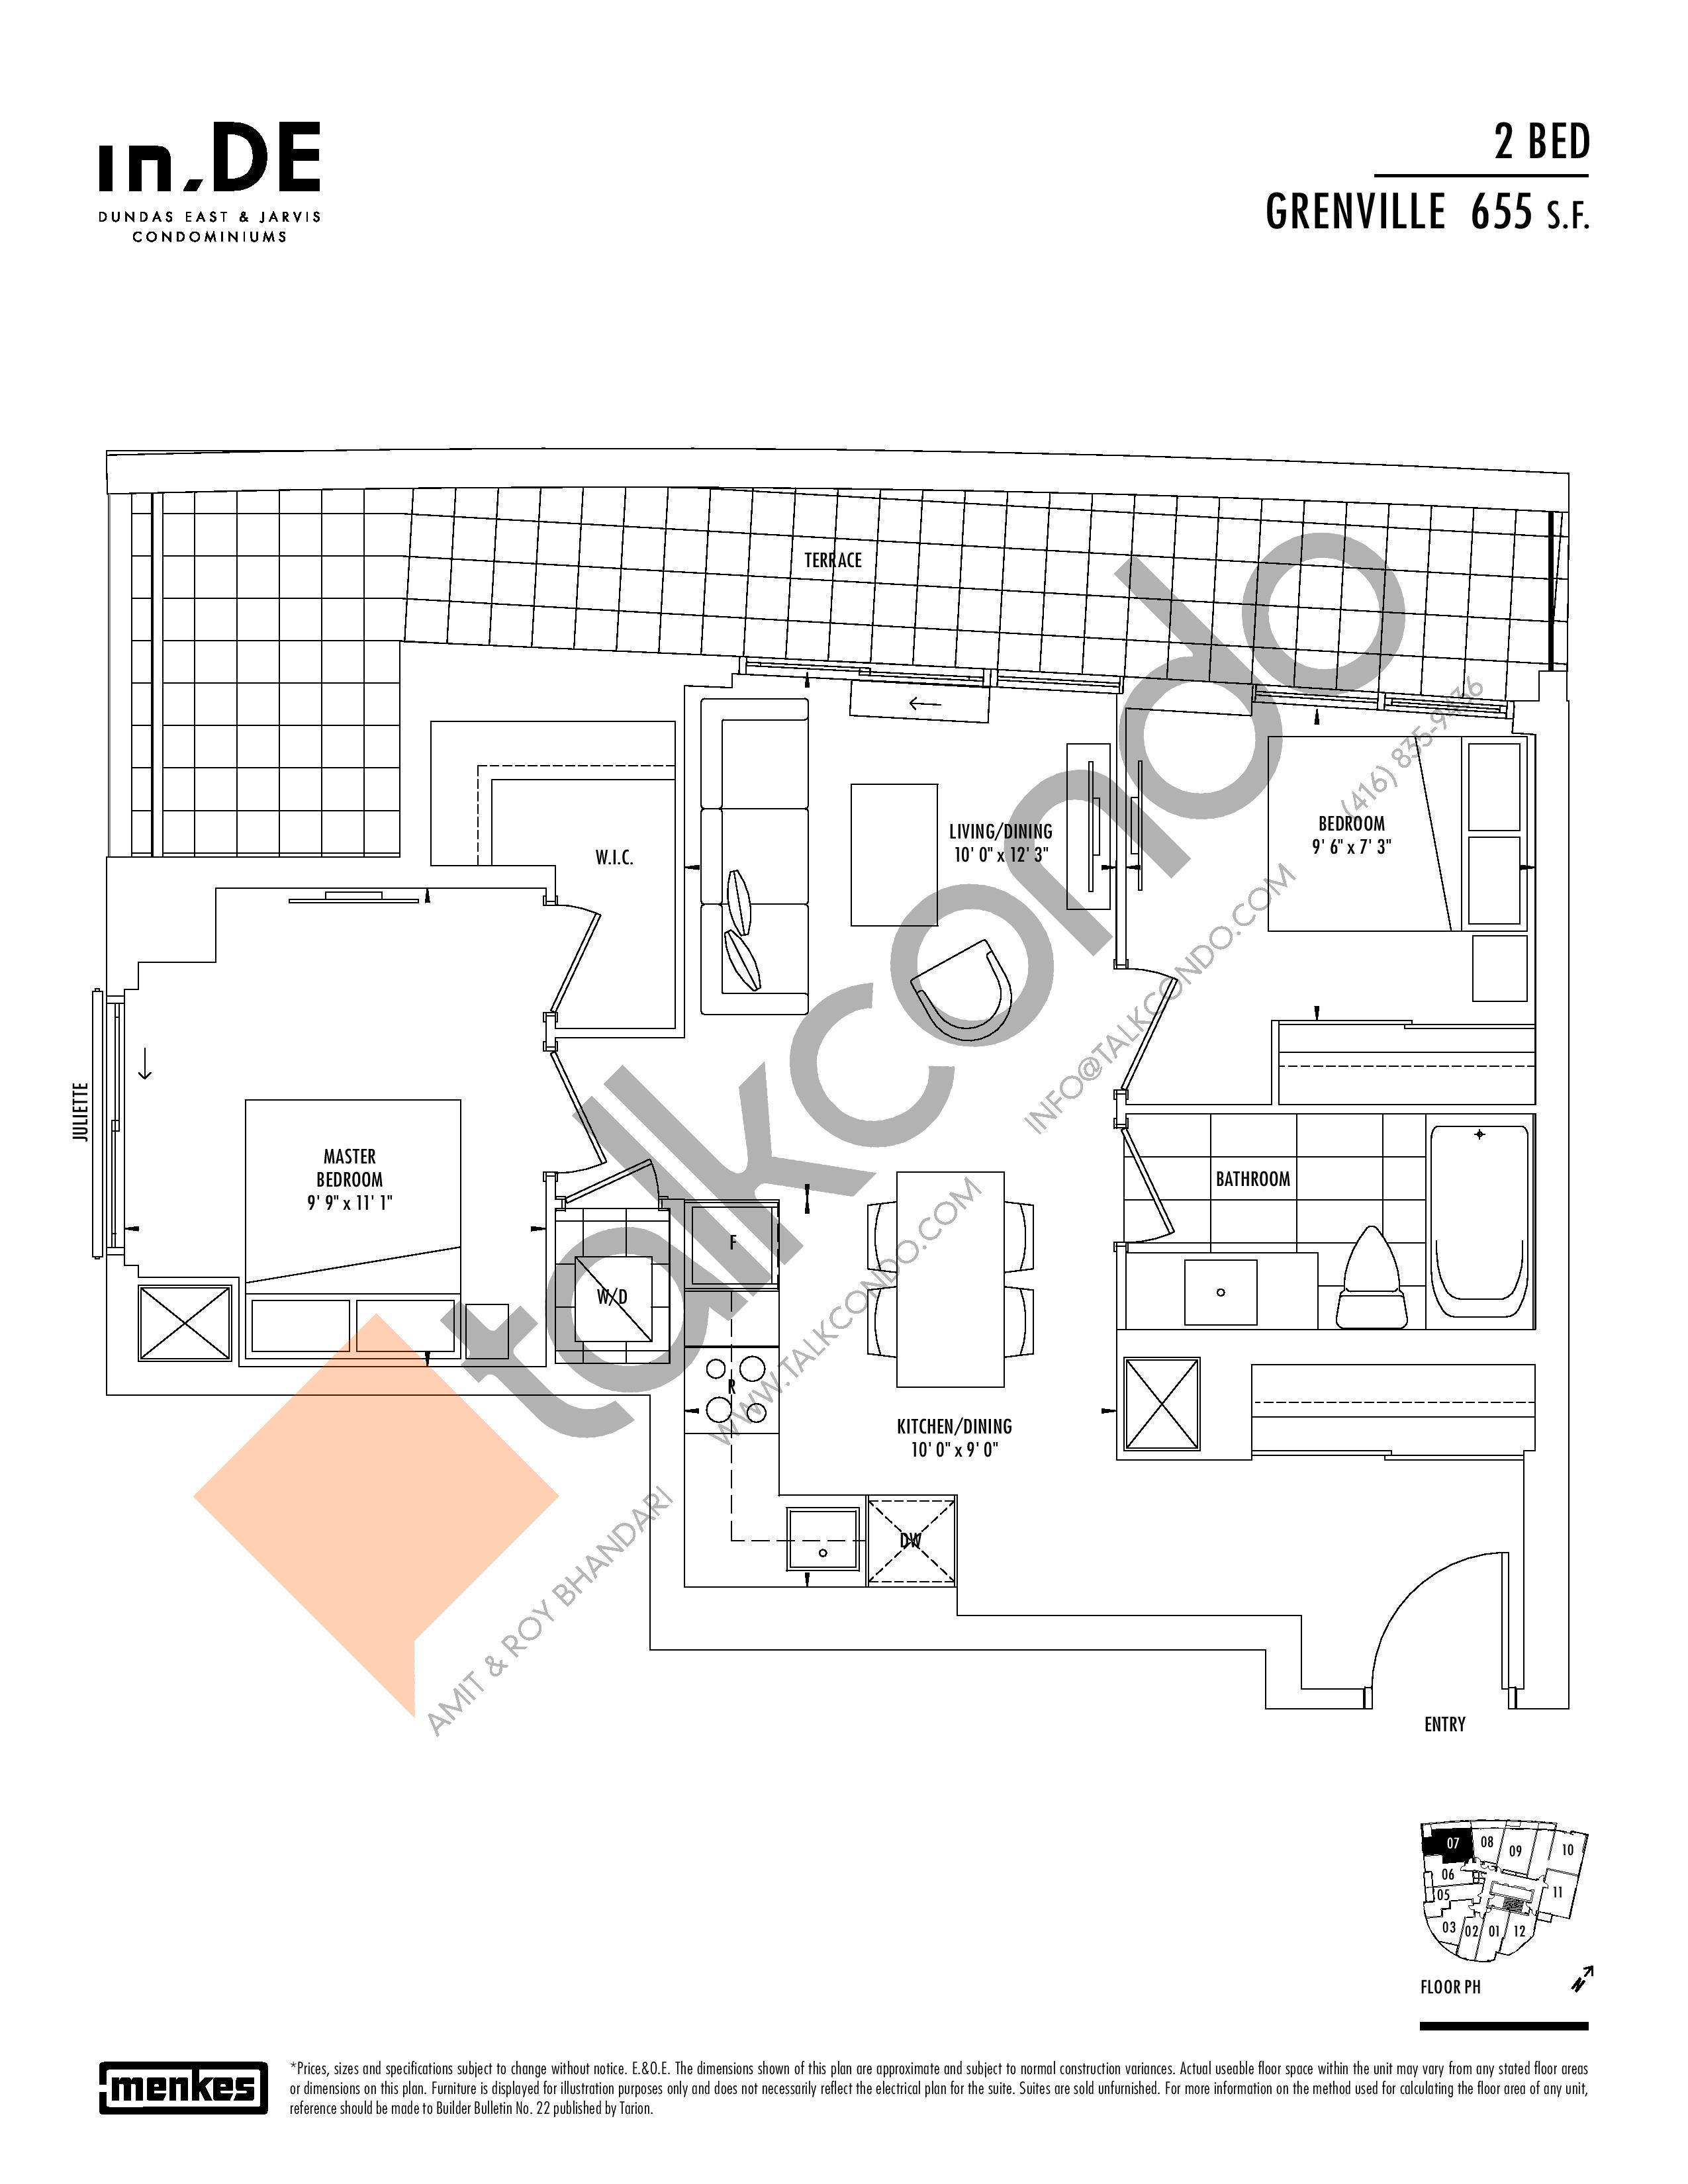 Grenville Floor Plan at in.DE Condos - 655 sq.ft